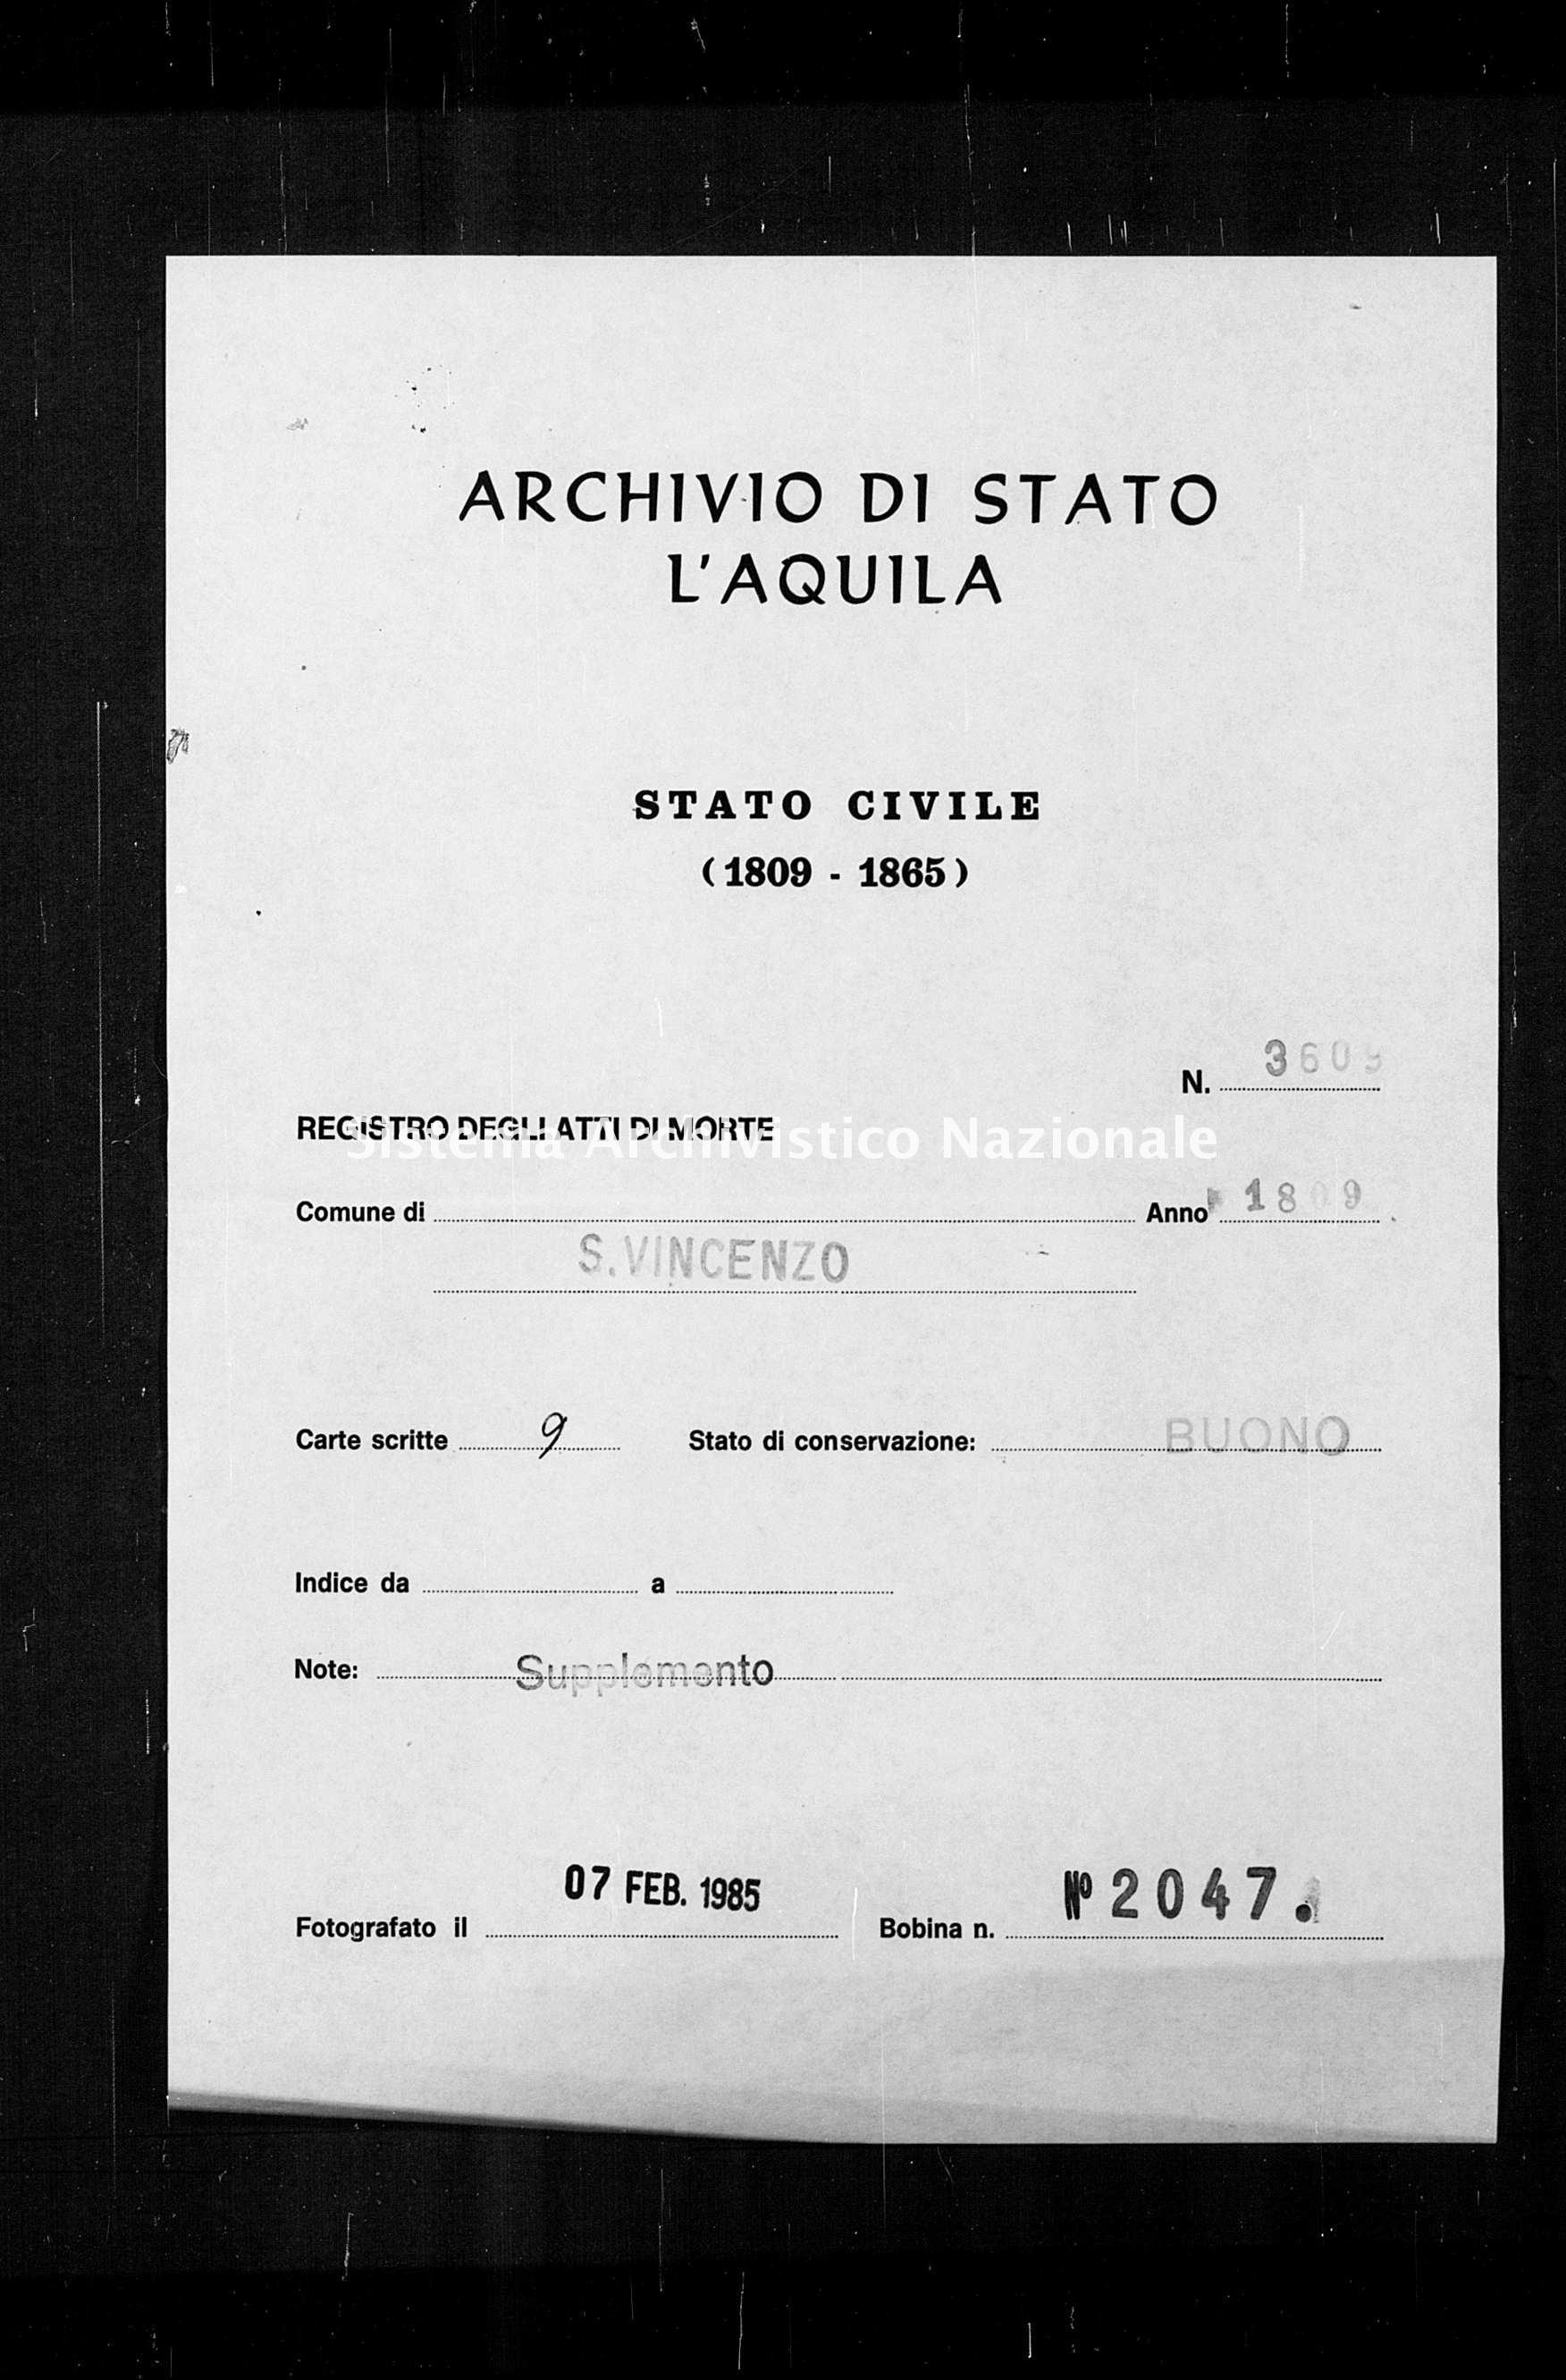 Archivio di stato di L'aquila - Stato civile napoleonico - San Vincenzo Valle Roveto - Morti, dichiarazioni - 1809 - 3609 -